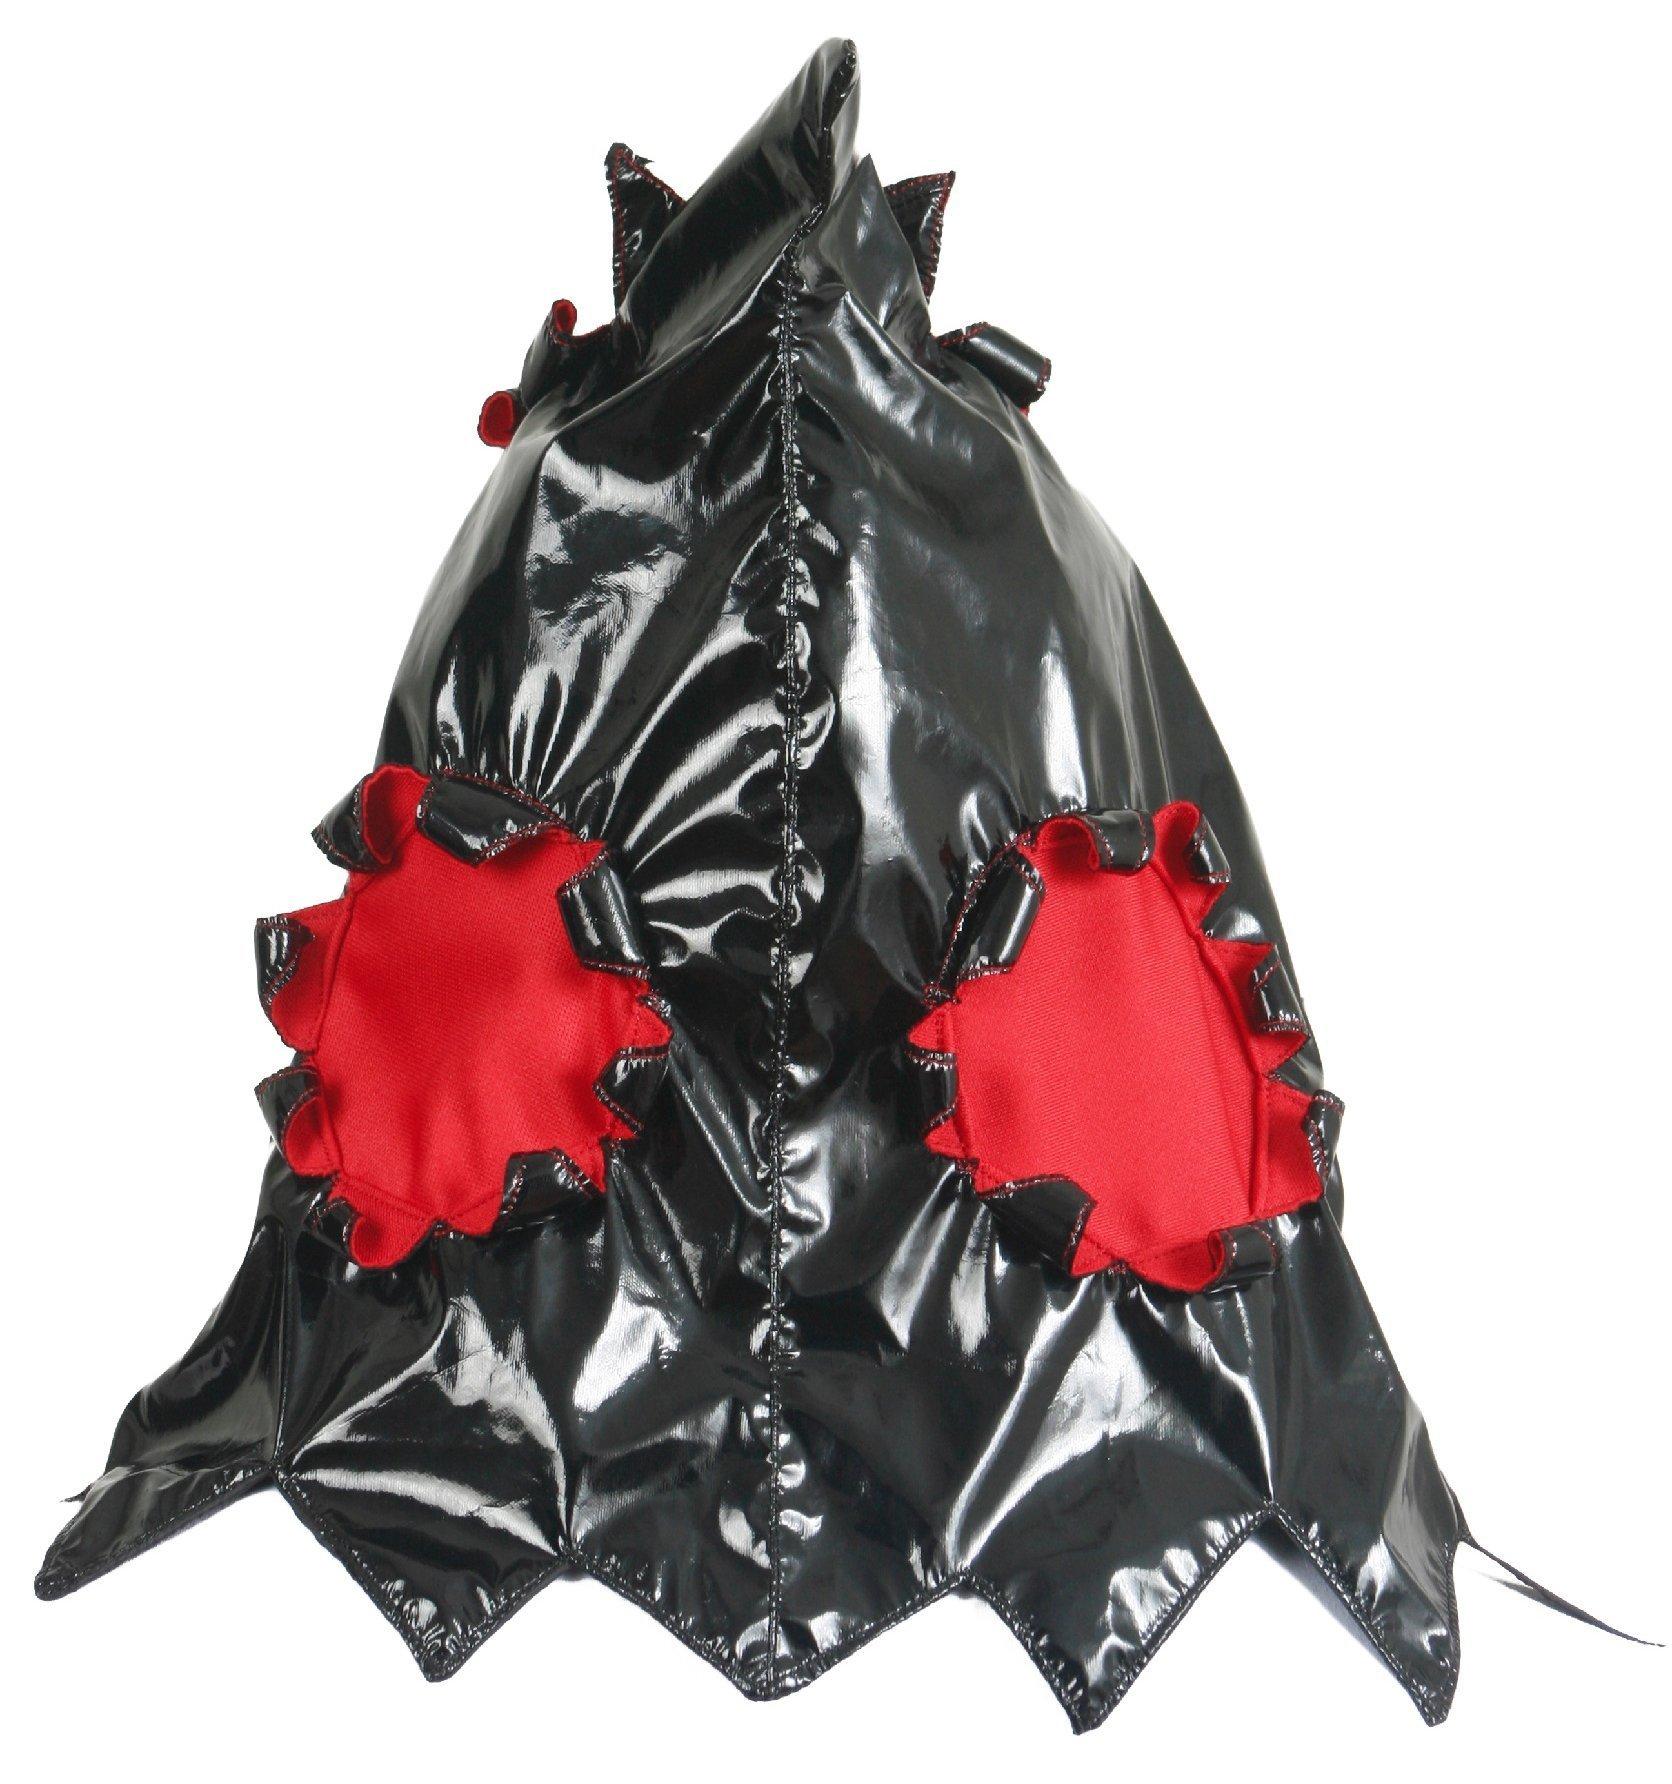 LA Park Professional Lucha Libre Mask Adult Size Premium Quality